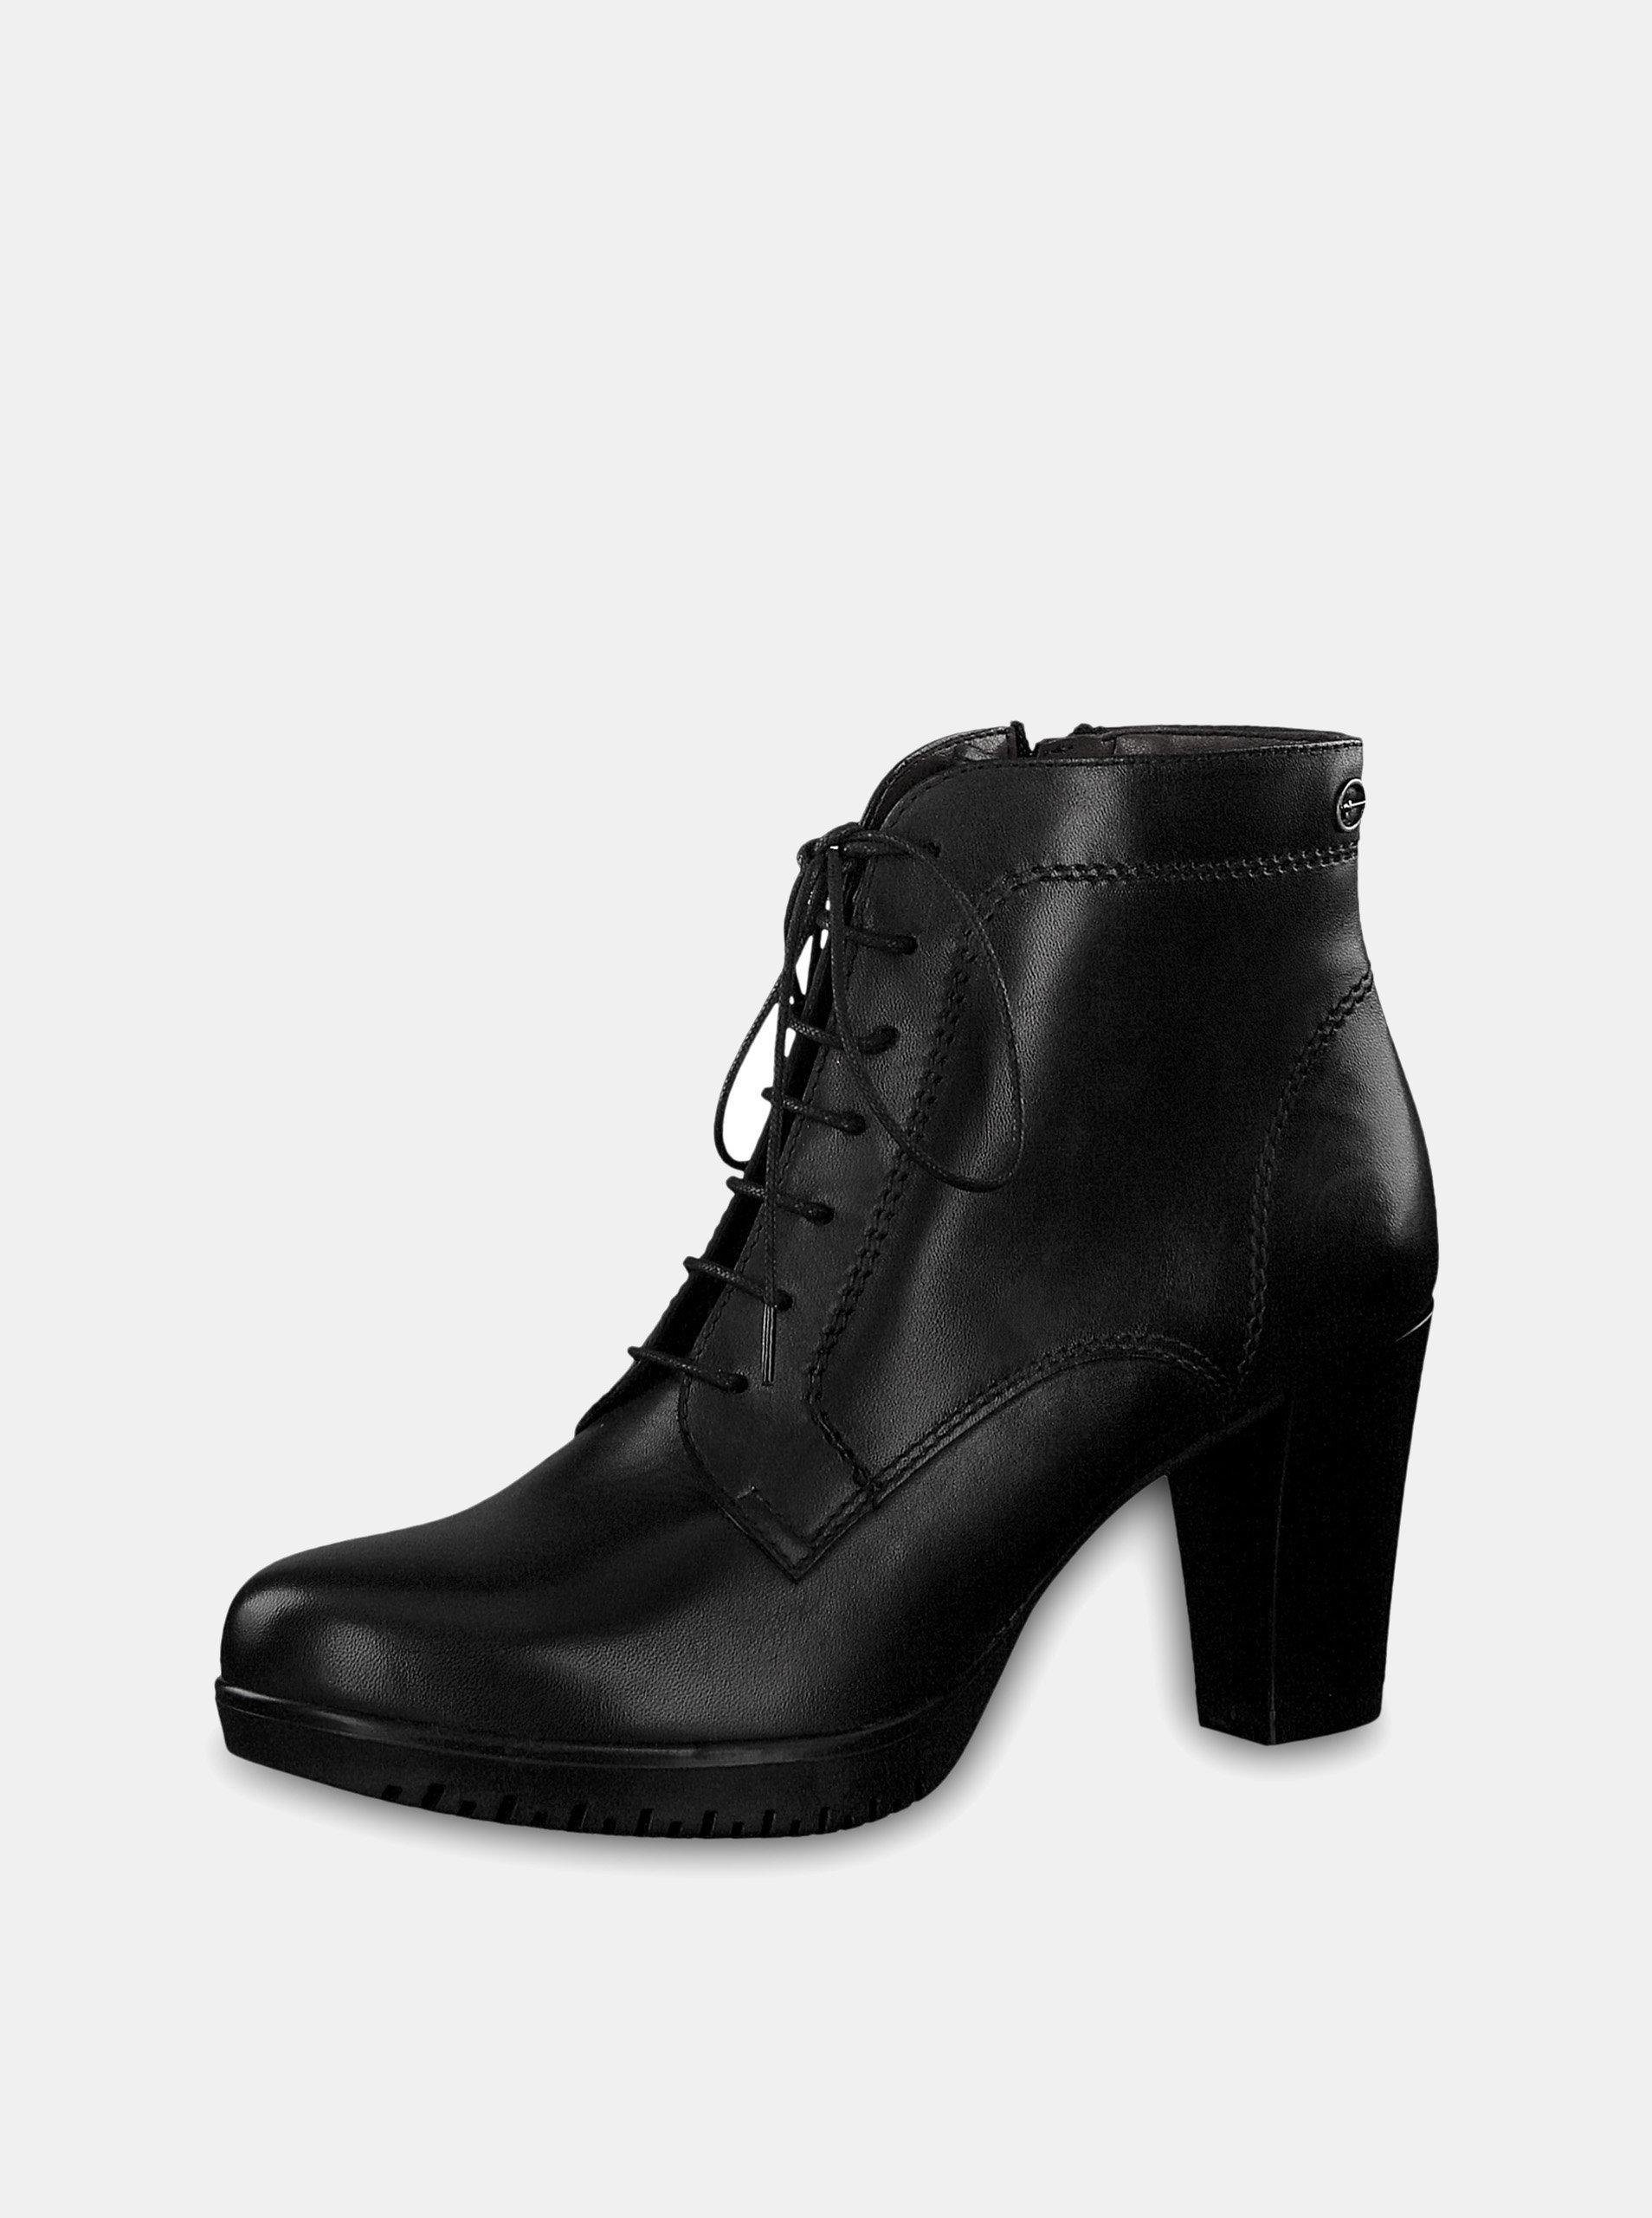 Čierne kožené členkové topánky na vysokom podpätku so šnurovaním Tamaris ... da5a4c07ed6